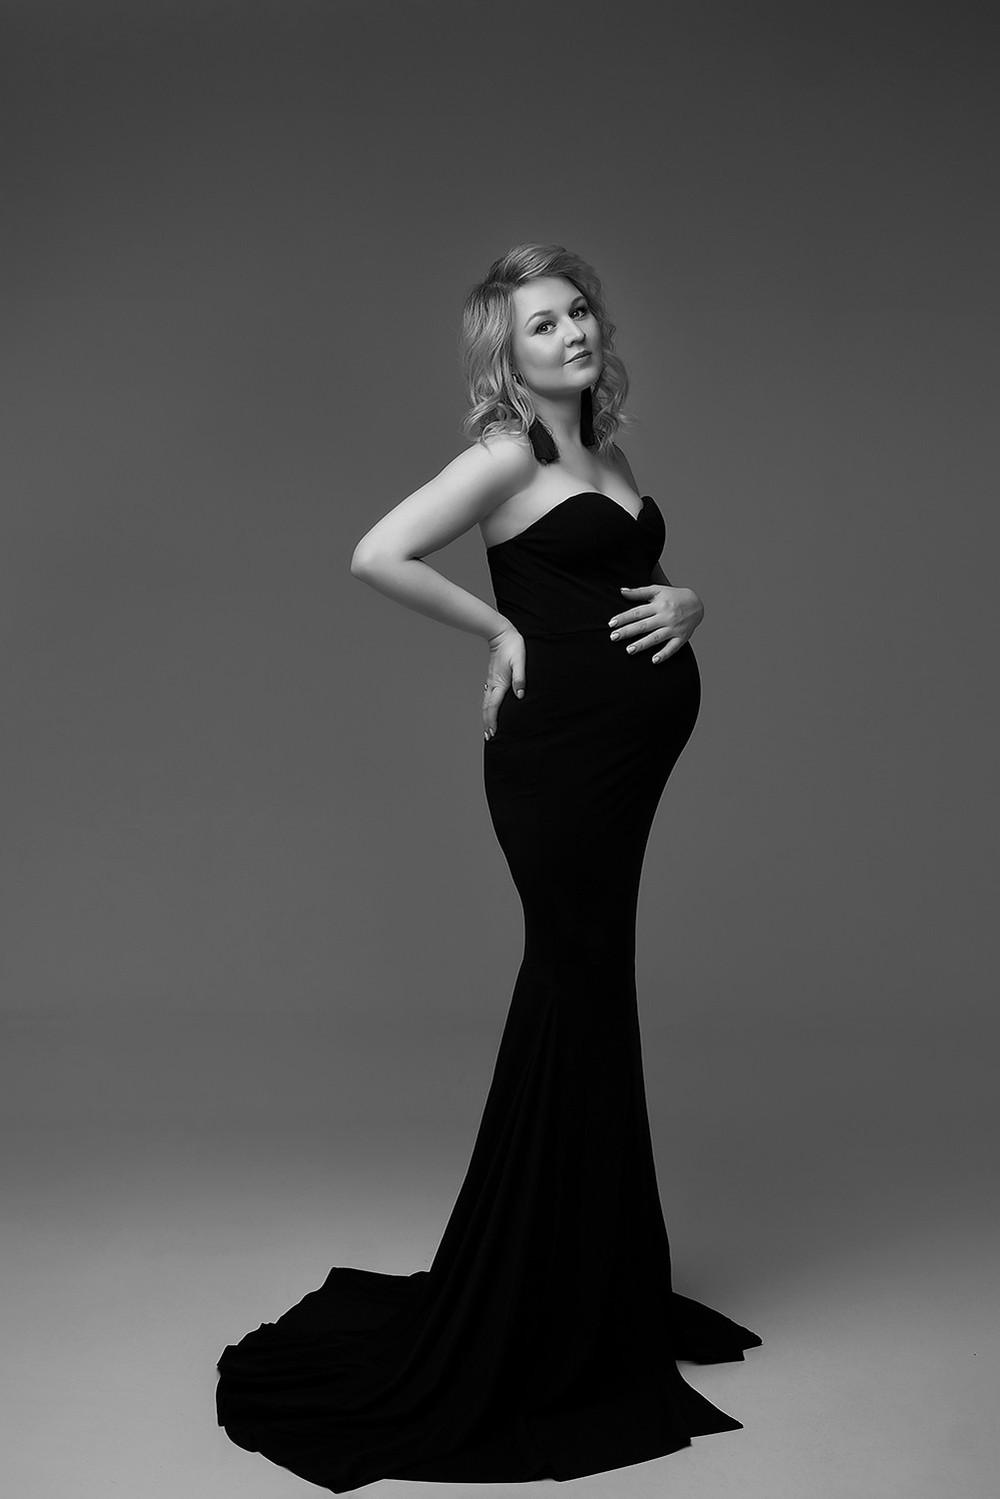 фотосессия, фотограф, беременности, циклорама, в стиле вог, vogue, черно белое фото